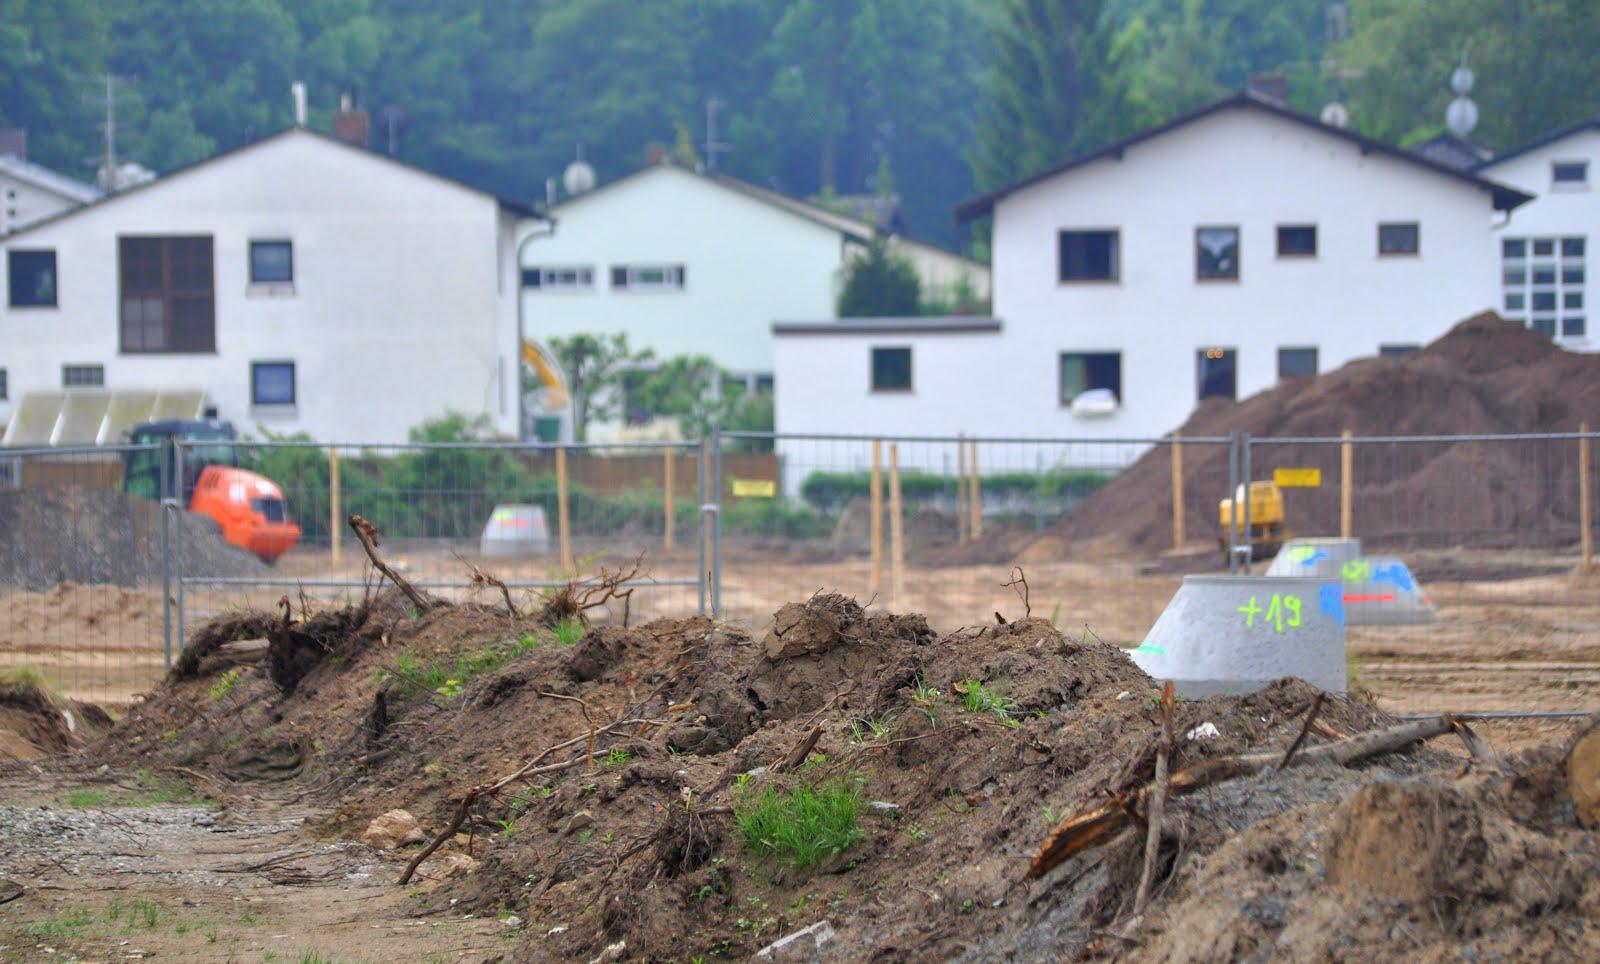 """Baustelle mit Wohngebiet """"Am Forst"""" im Hintergrund"""